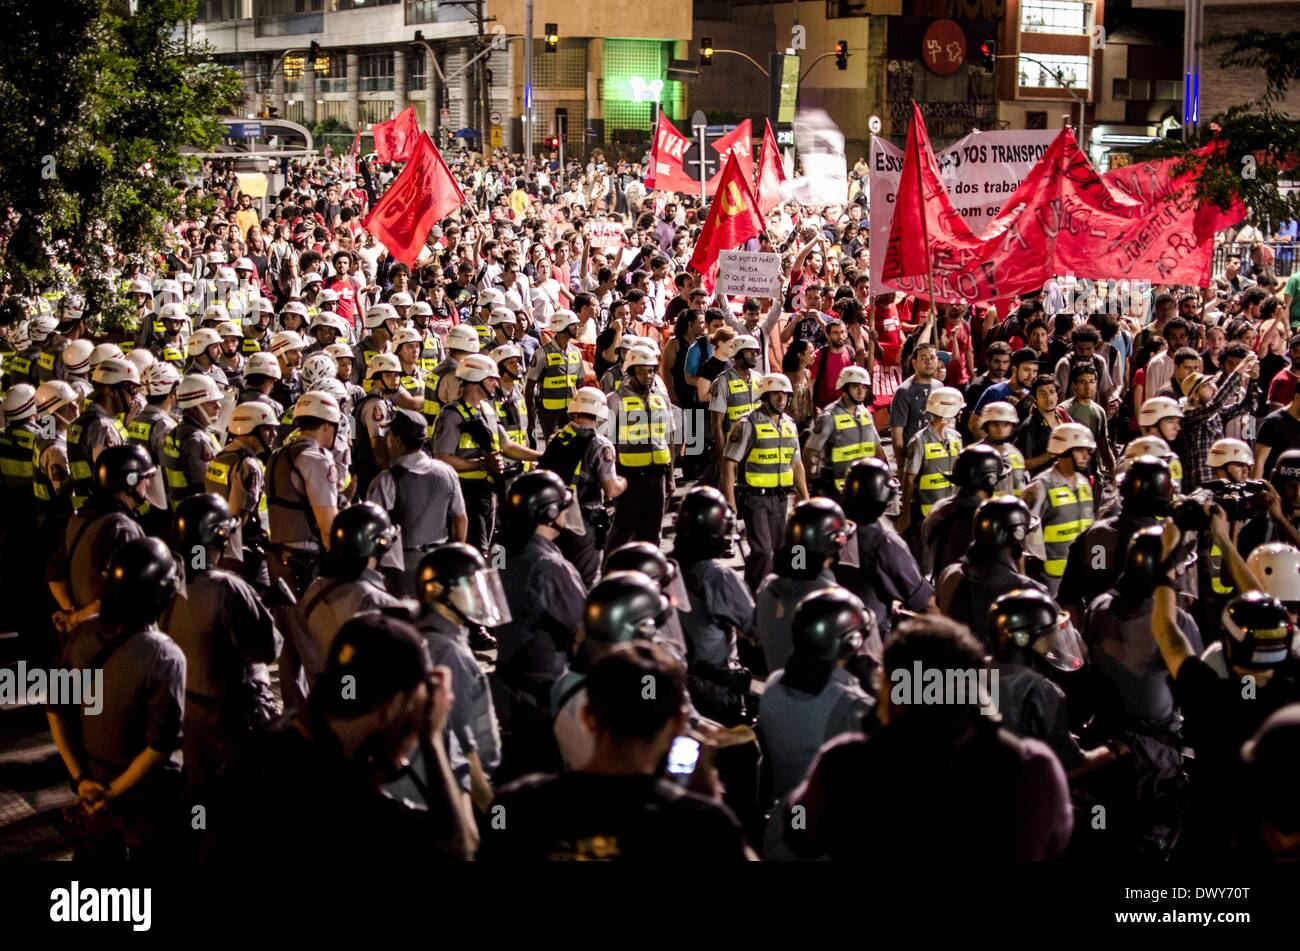 Sao Paulo, Brasilien. 13. März 2014. Demonstranten März in der Innenstadt von Sao Paulo Paulista Avenue an diesem Stockfoto